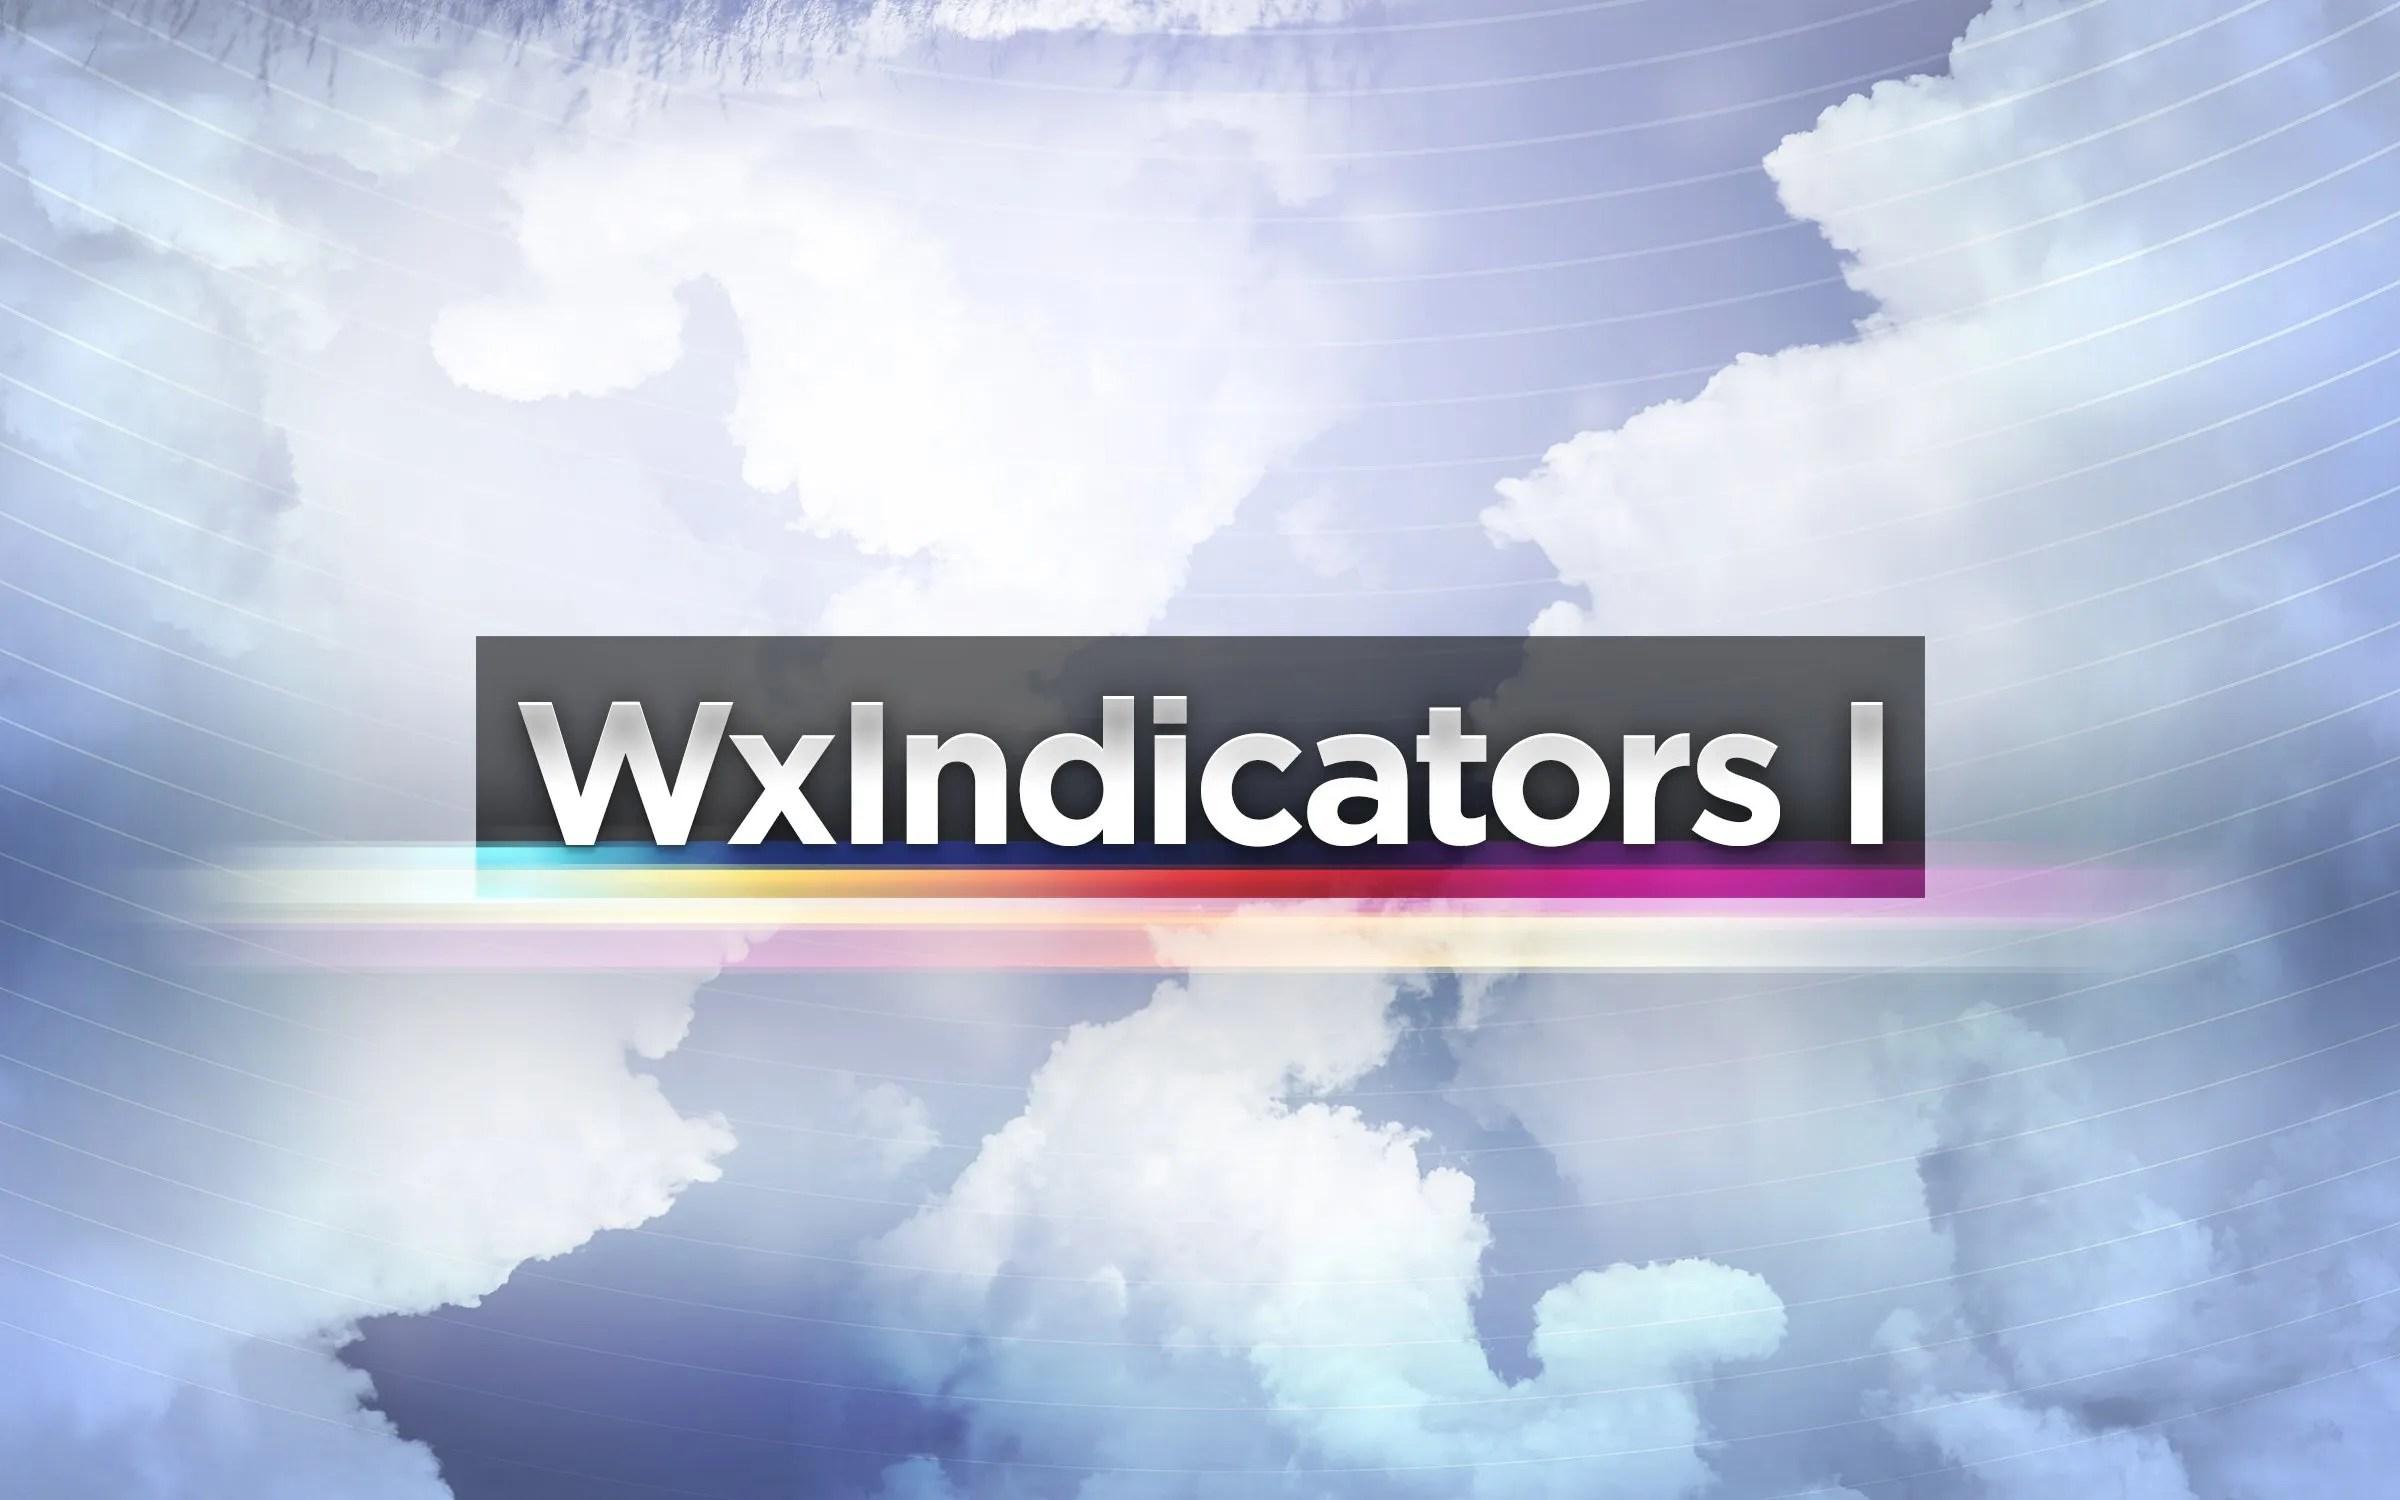 WxIndicators I Cover